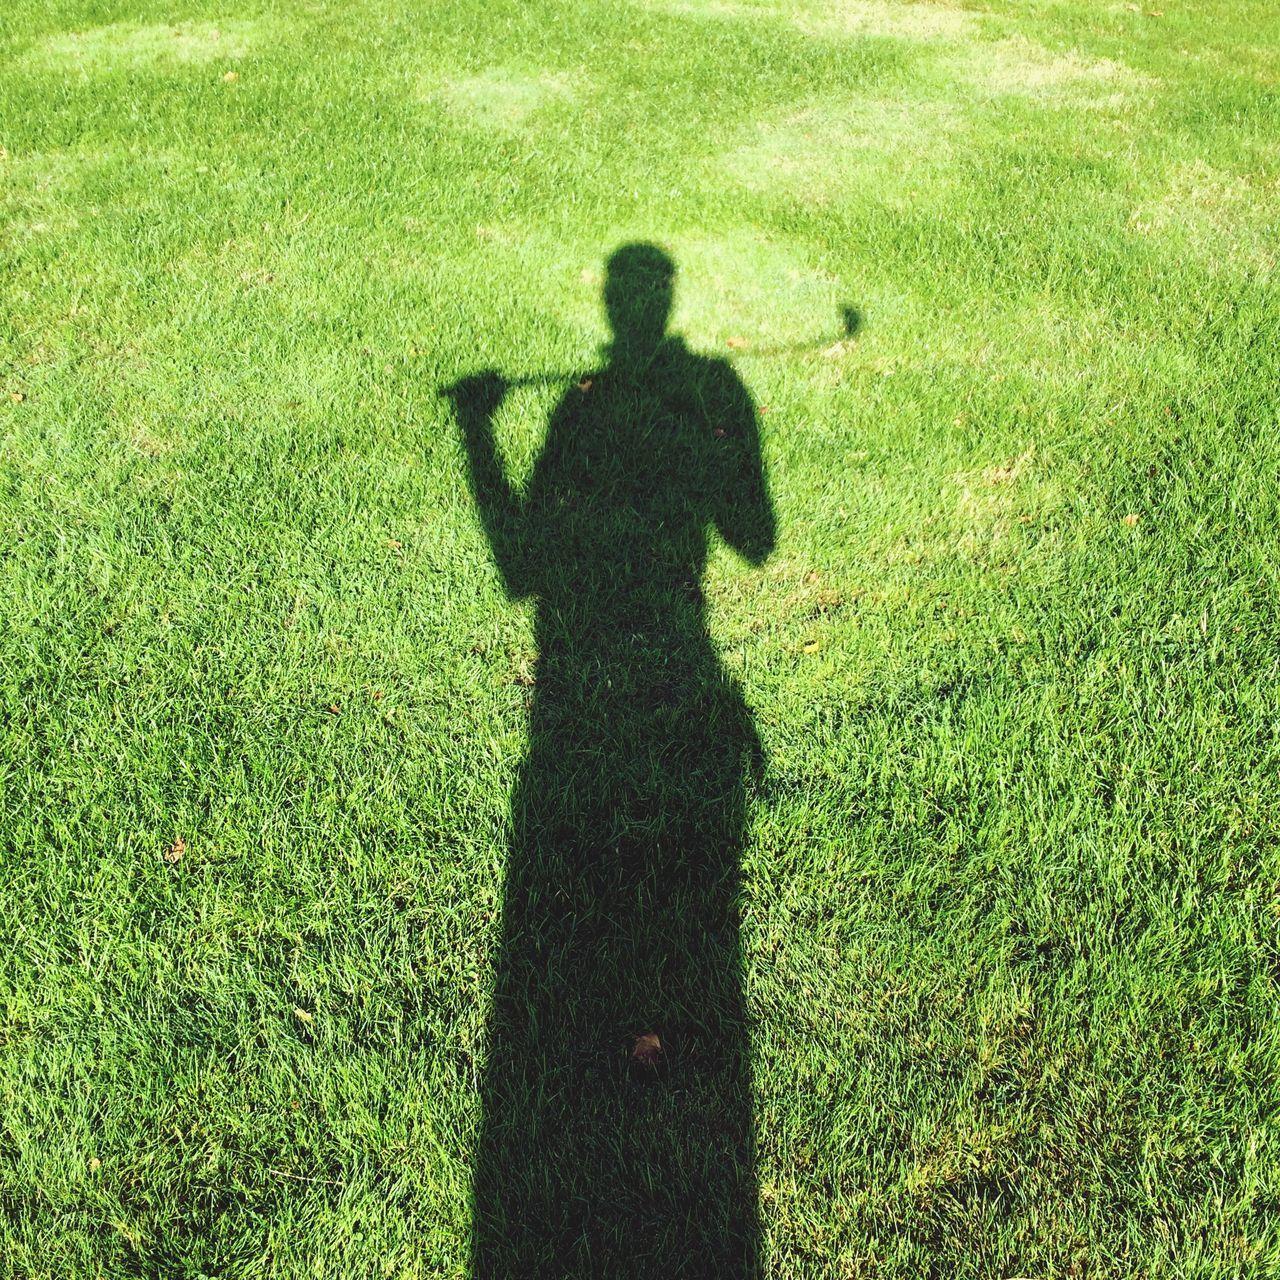 Grass Silhouette Golf